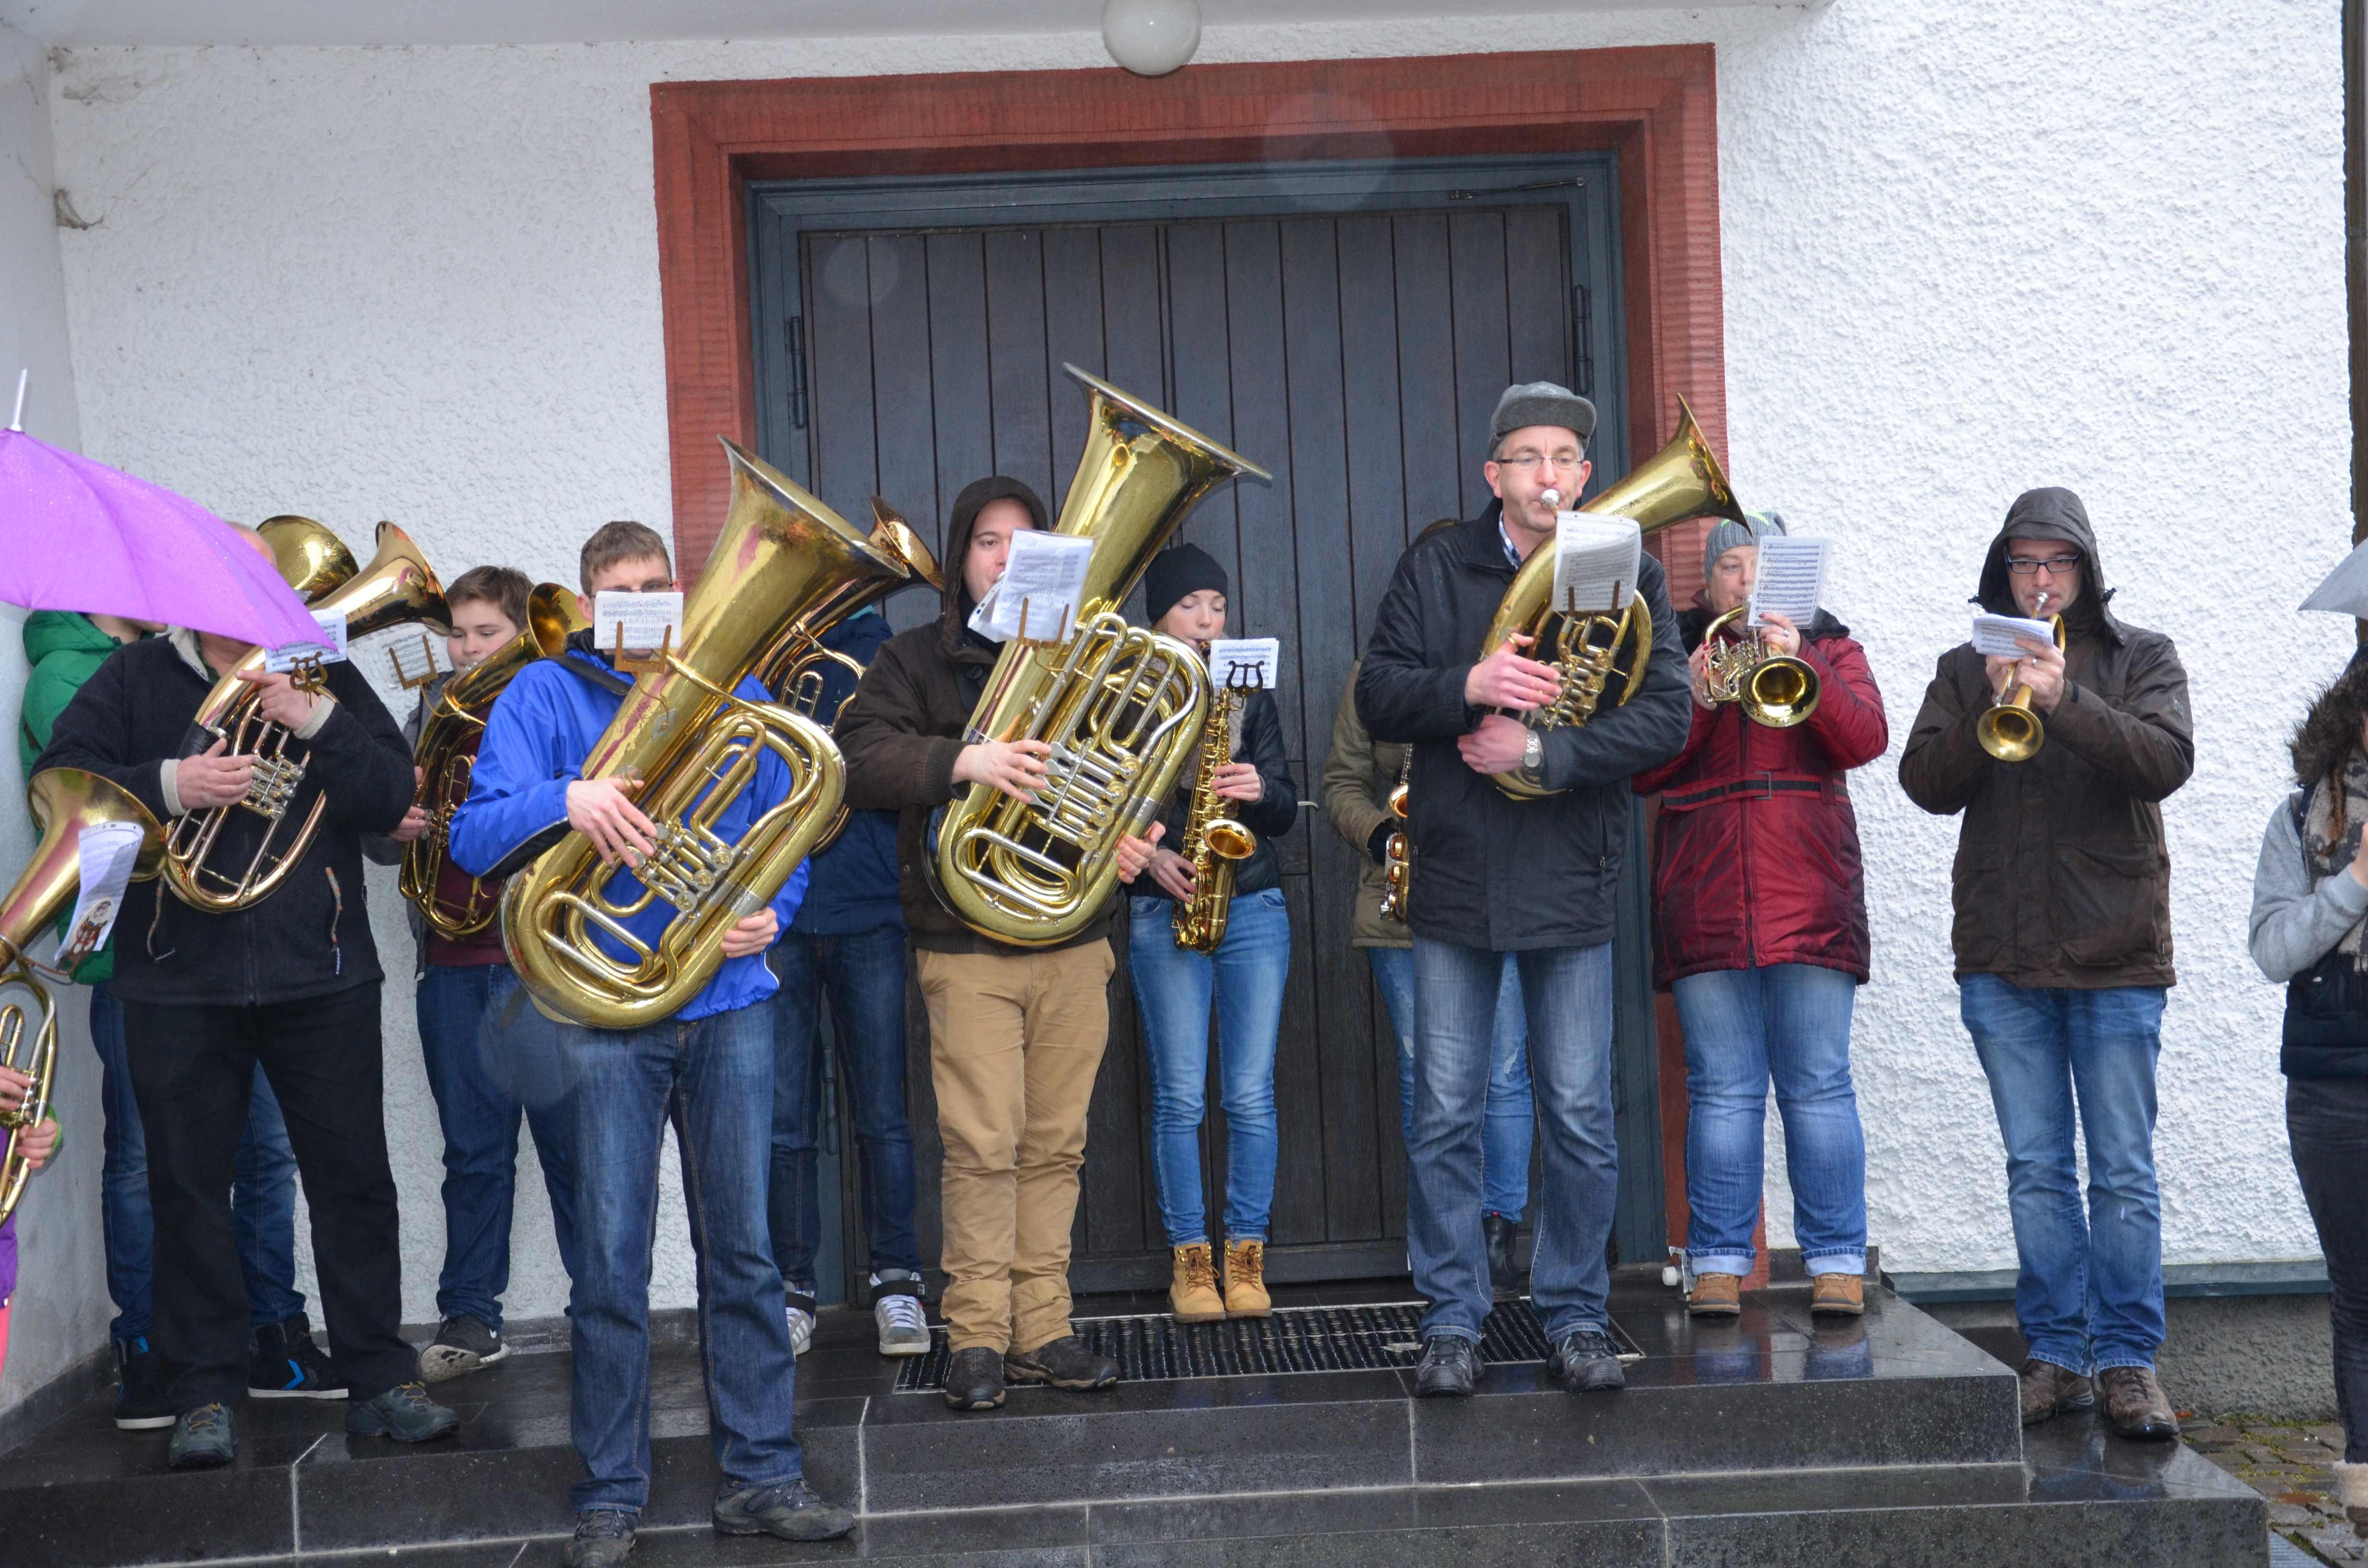 Weihnachtslieder an Heiligabend – Musikalische Einstimmung auf das Fest